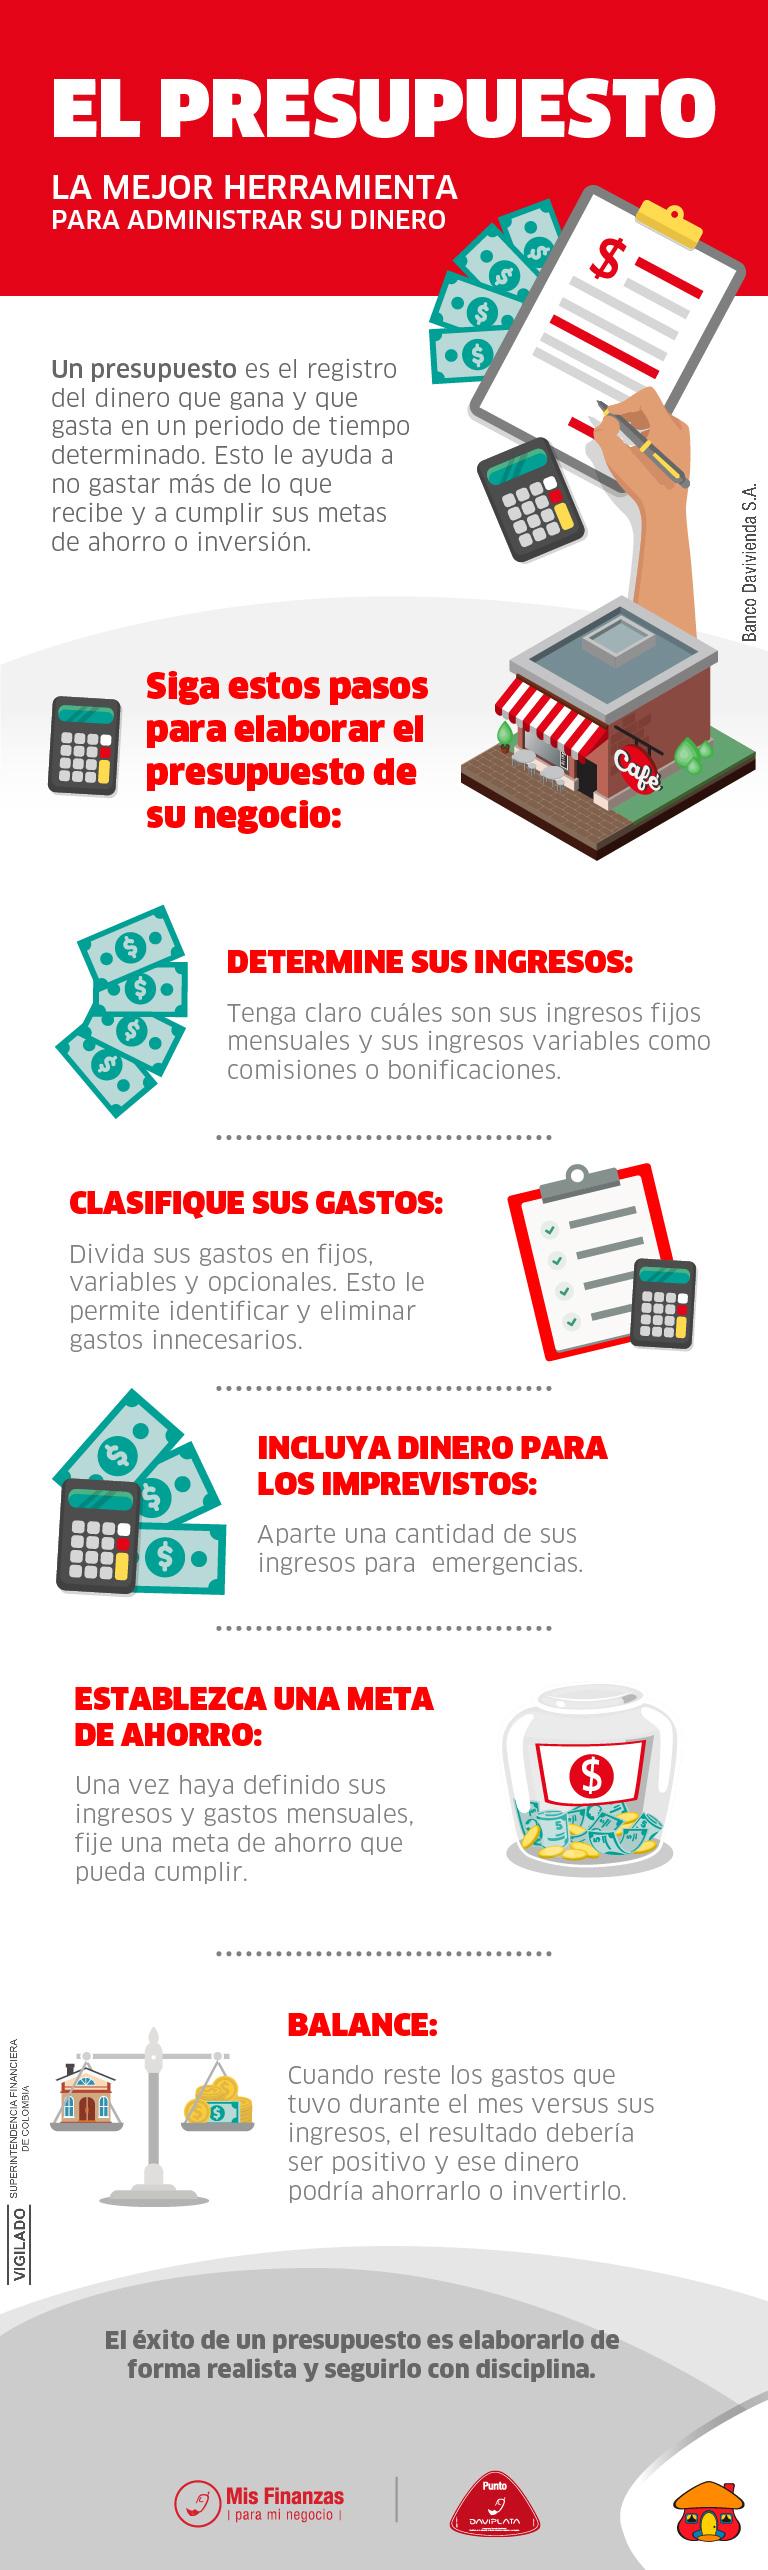 El presupuesto_01 .